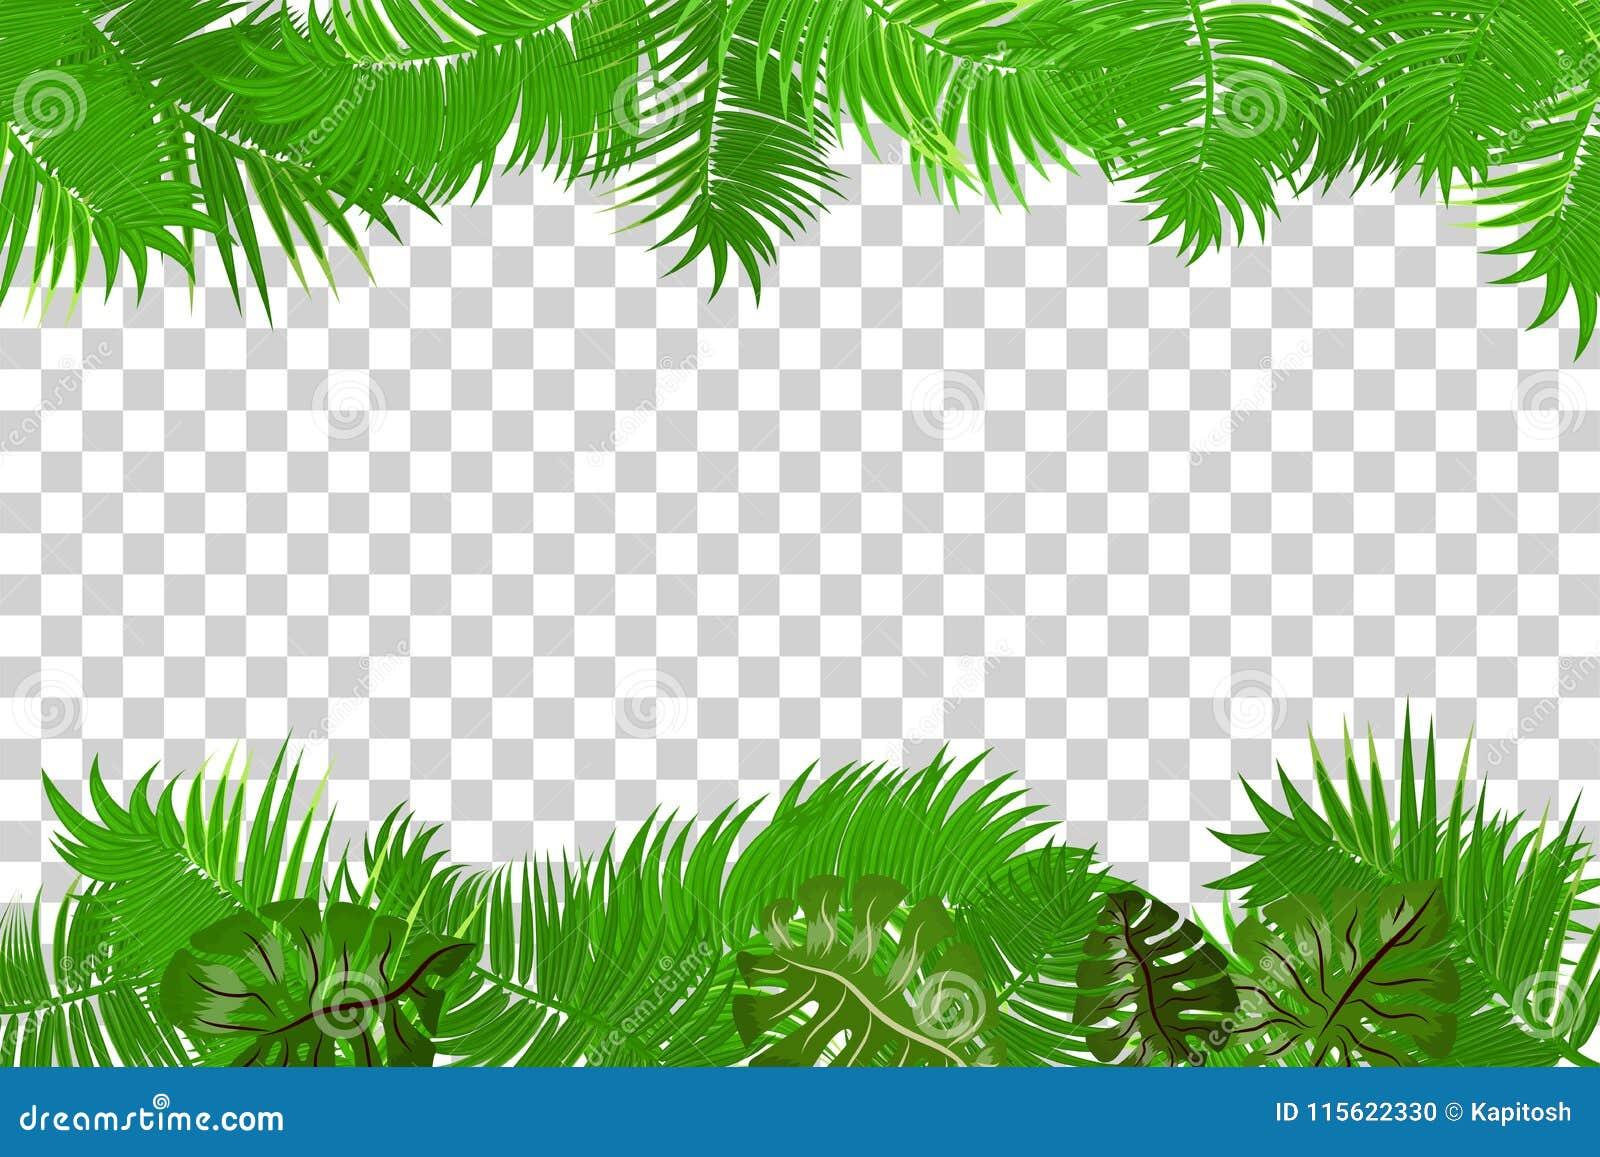 summer jungle palm leaf frame stock vector illustration of jungle